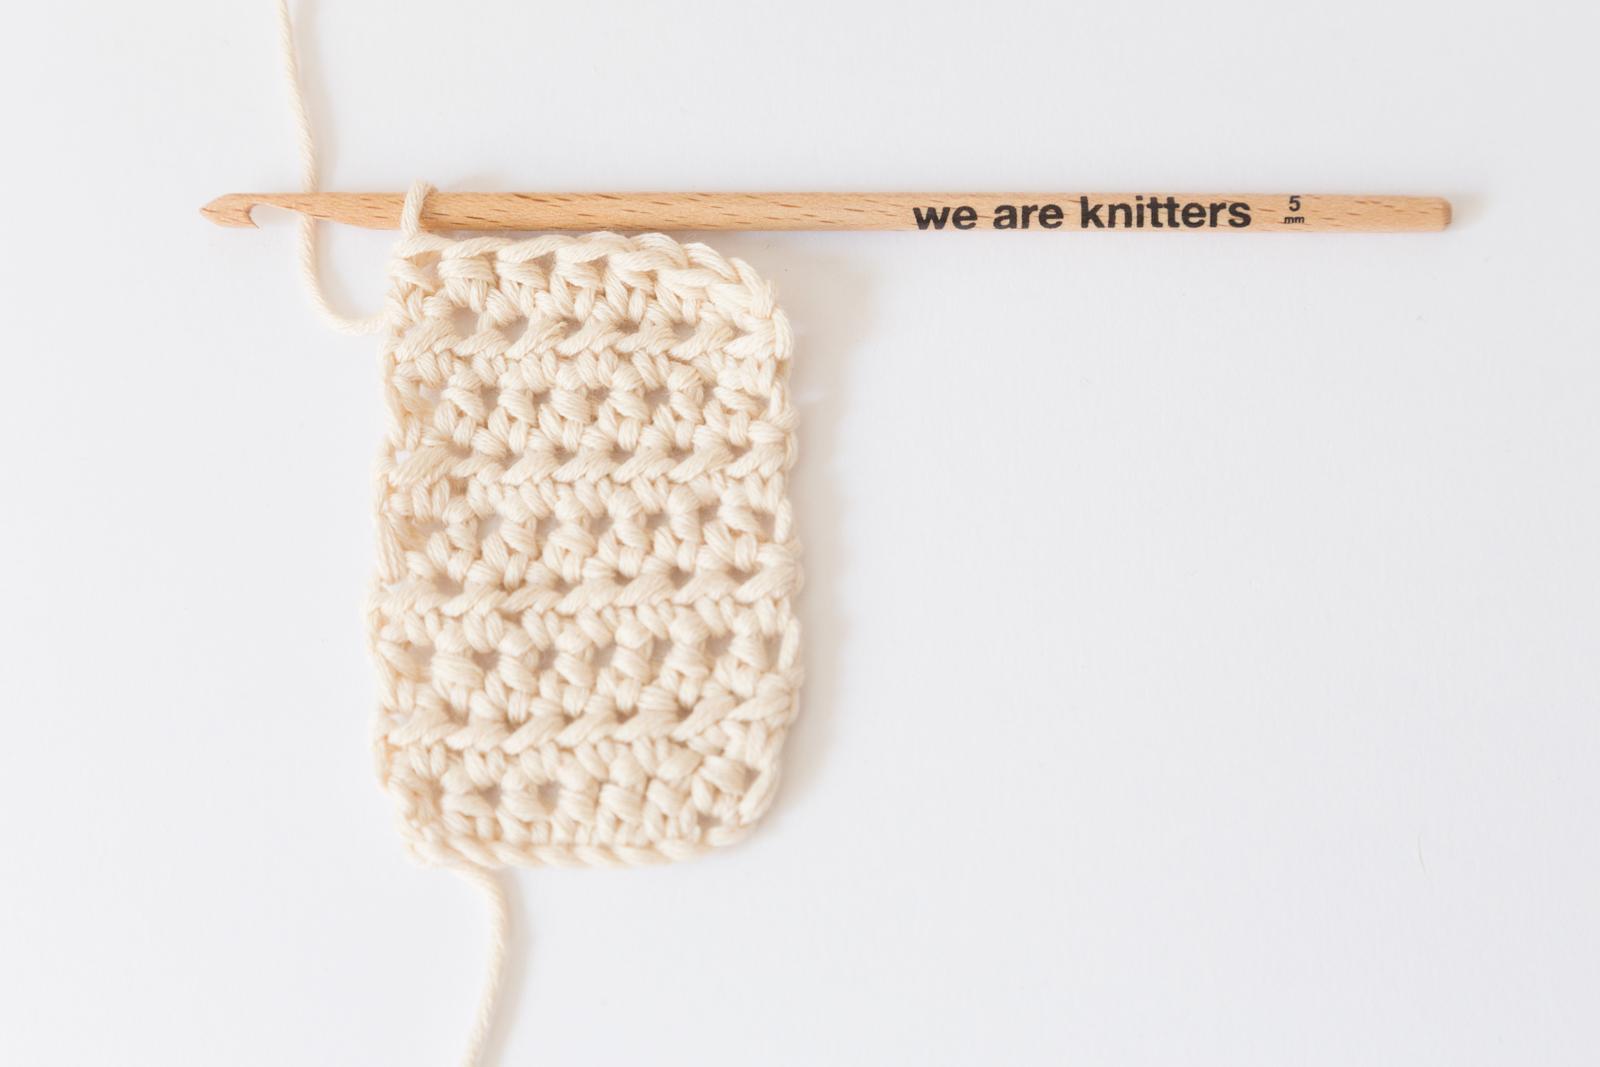 Aprende a hacer una correa de crochet para tu cámara | The Blog - ES